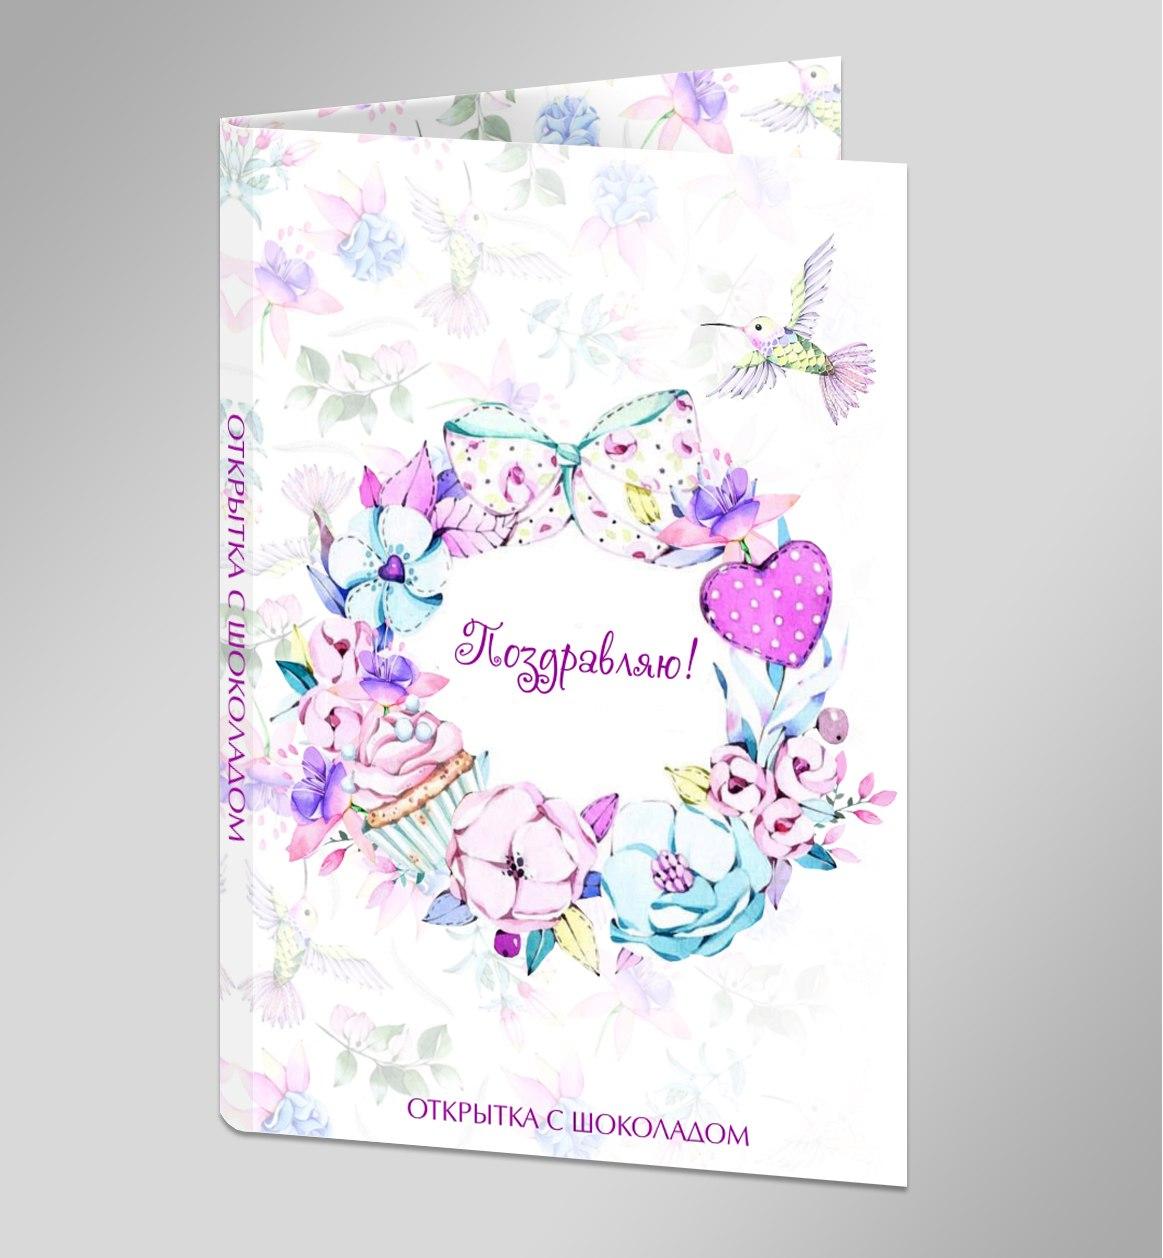 Гнездо, открытка с шоколадками внутри